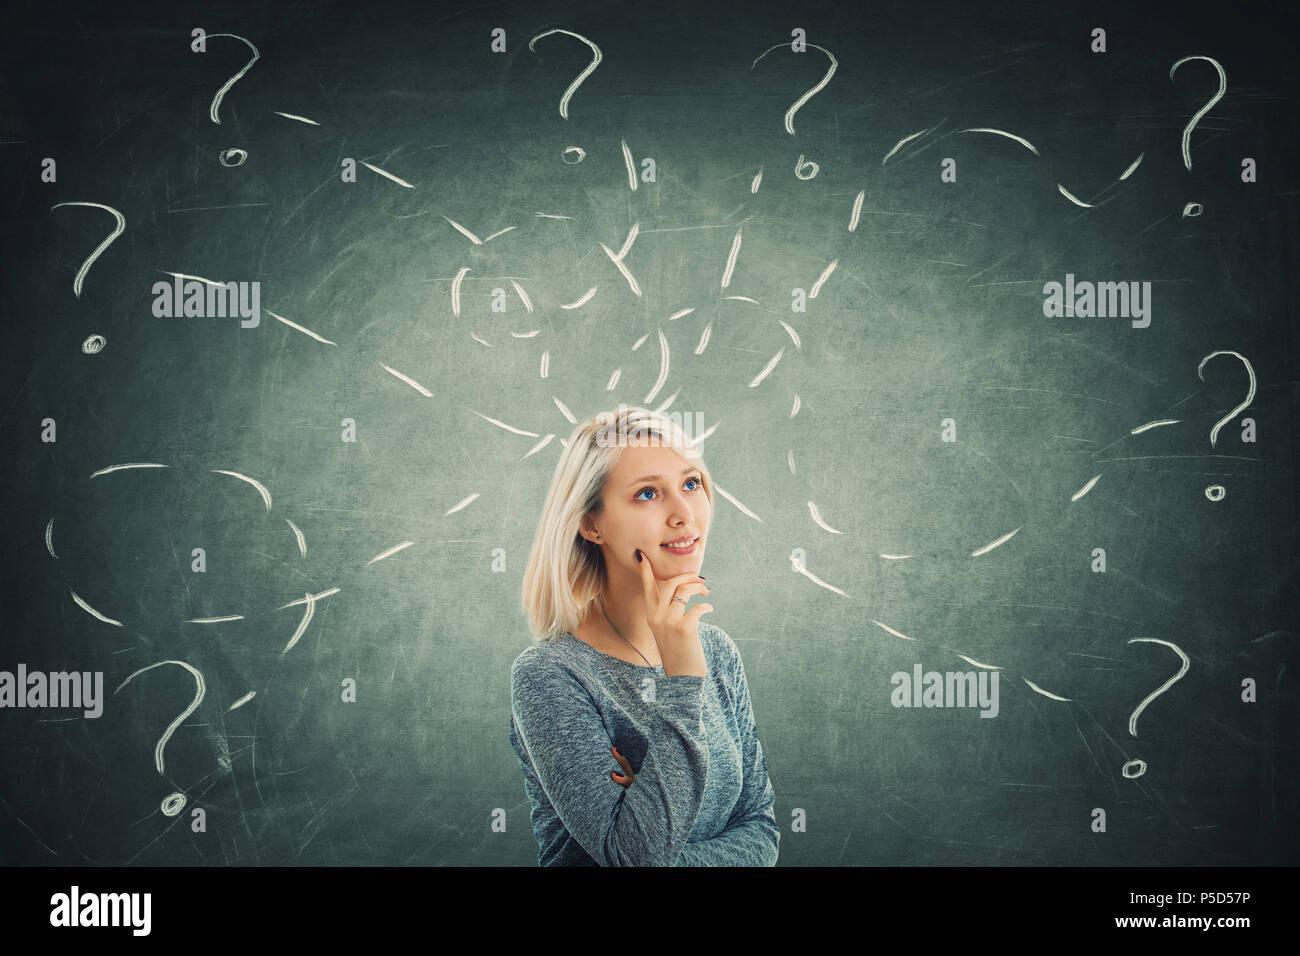 Junge Frau vor einer Tafel versuchen, verschiedene Aufgaben zu lösen Rätsel, eine Menge Fragen. Inspiration Konzept und Entwicklung. Stockbild